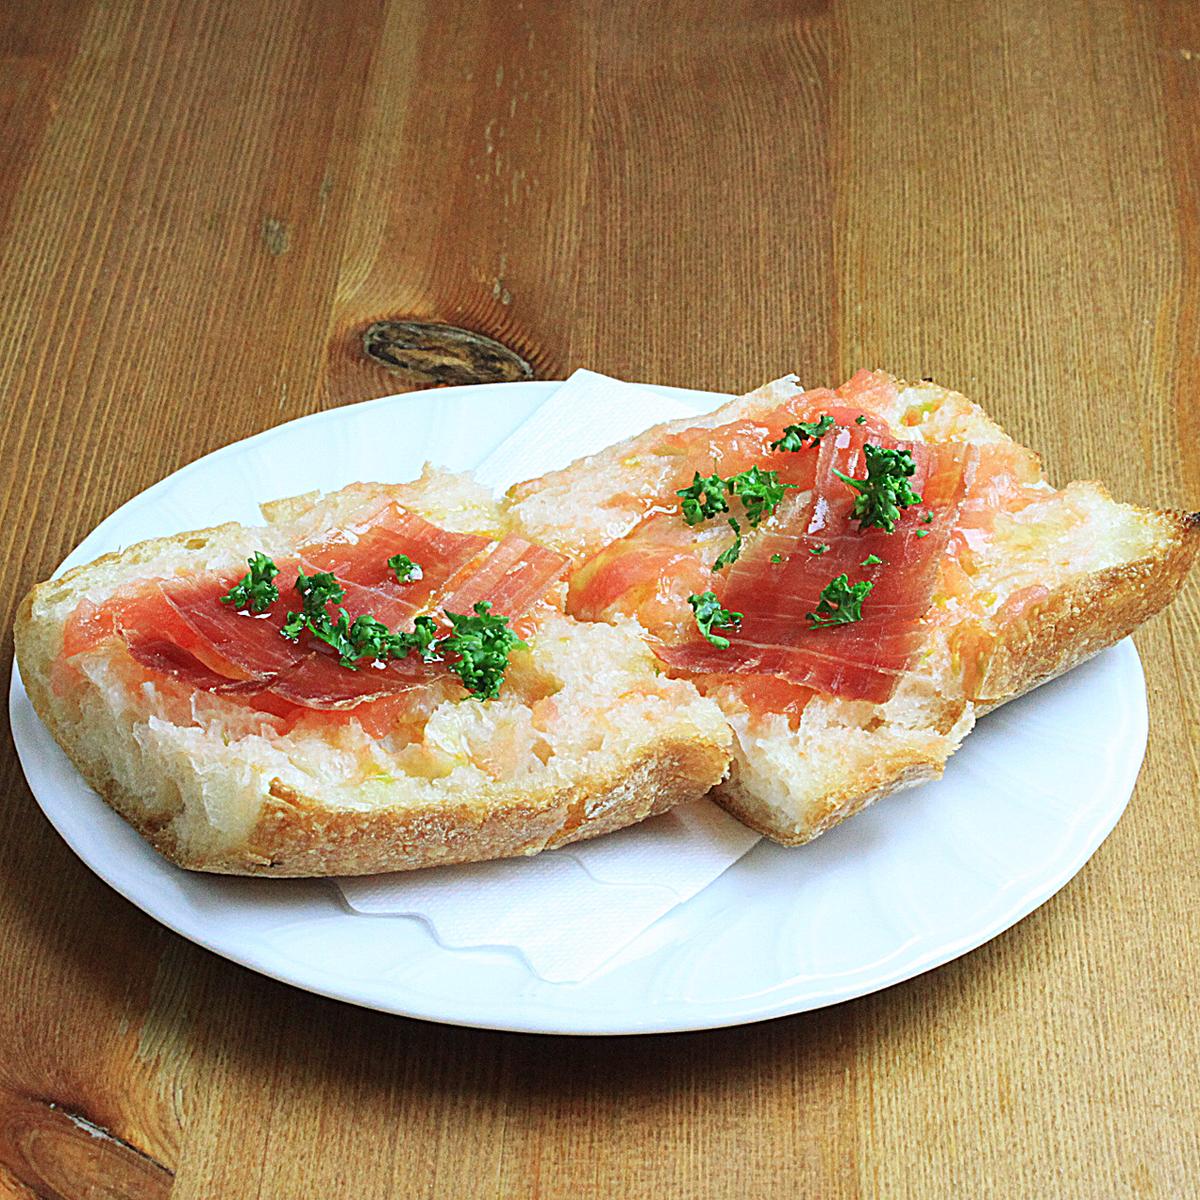 Pan-tomato tomato toast (2pc)